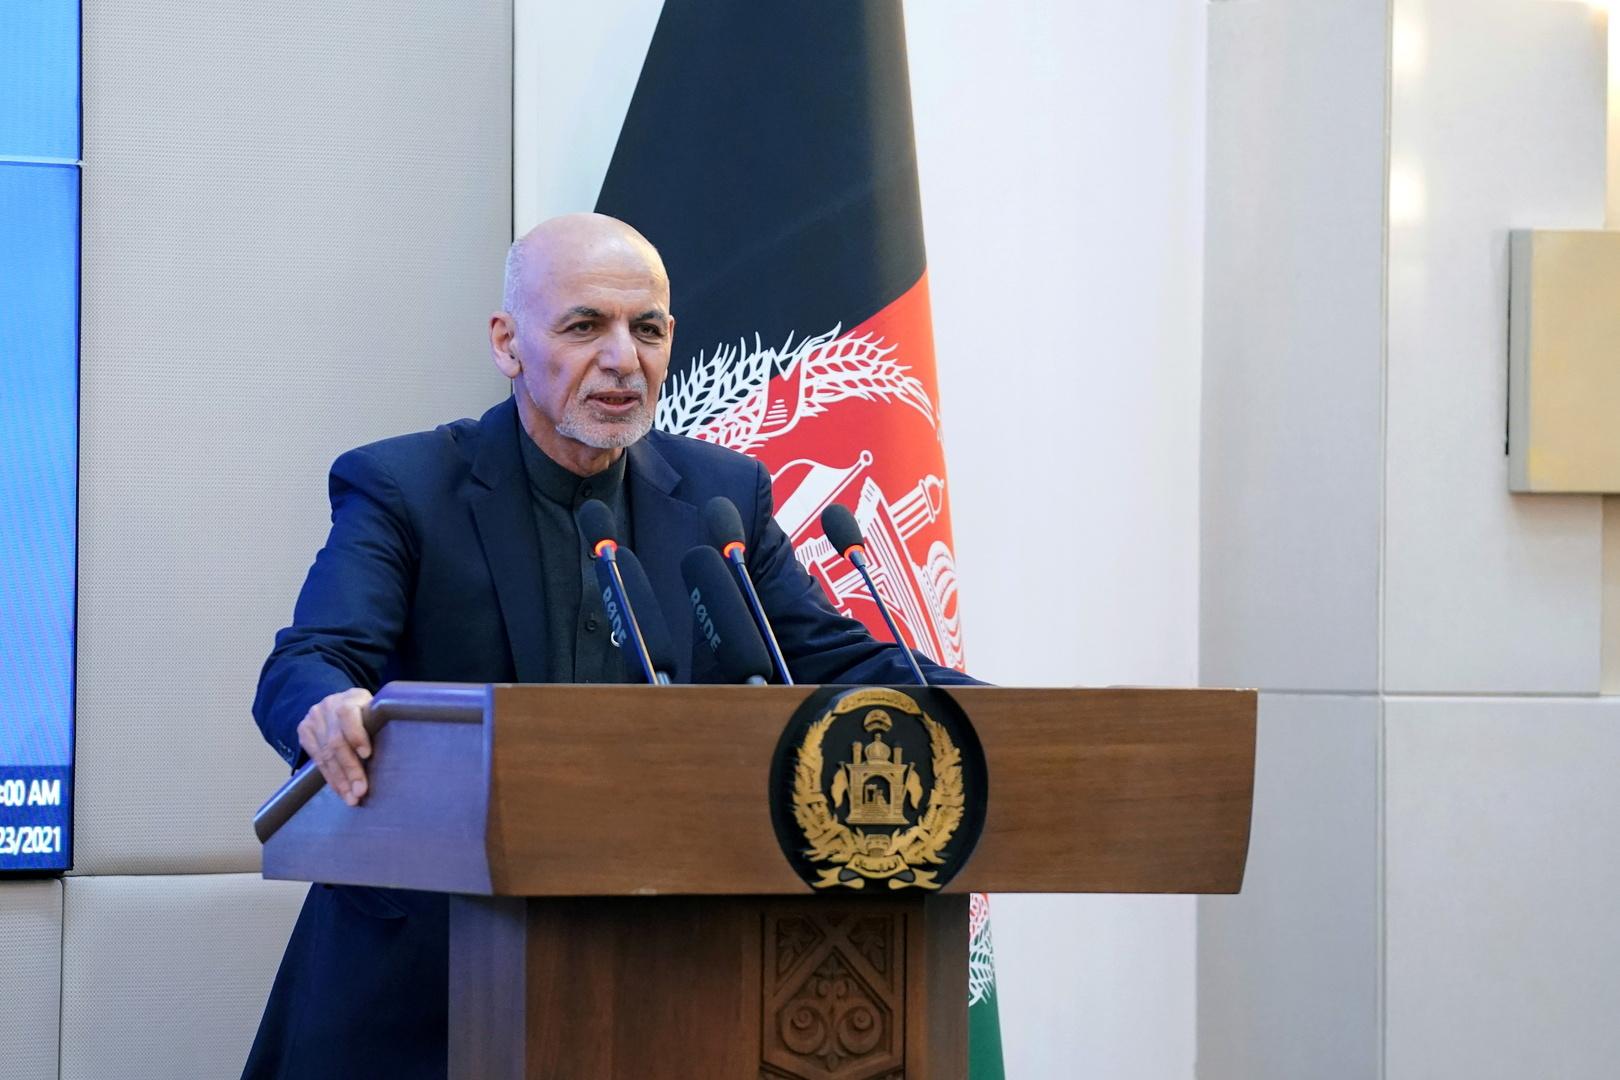 واشنطن تقترح تشكيل حكومة انتقالية لإدارة شؤون أفغانستان